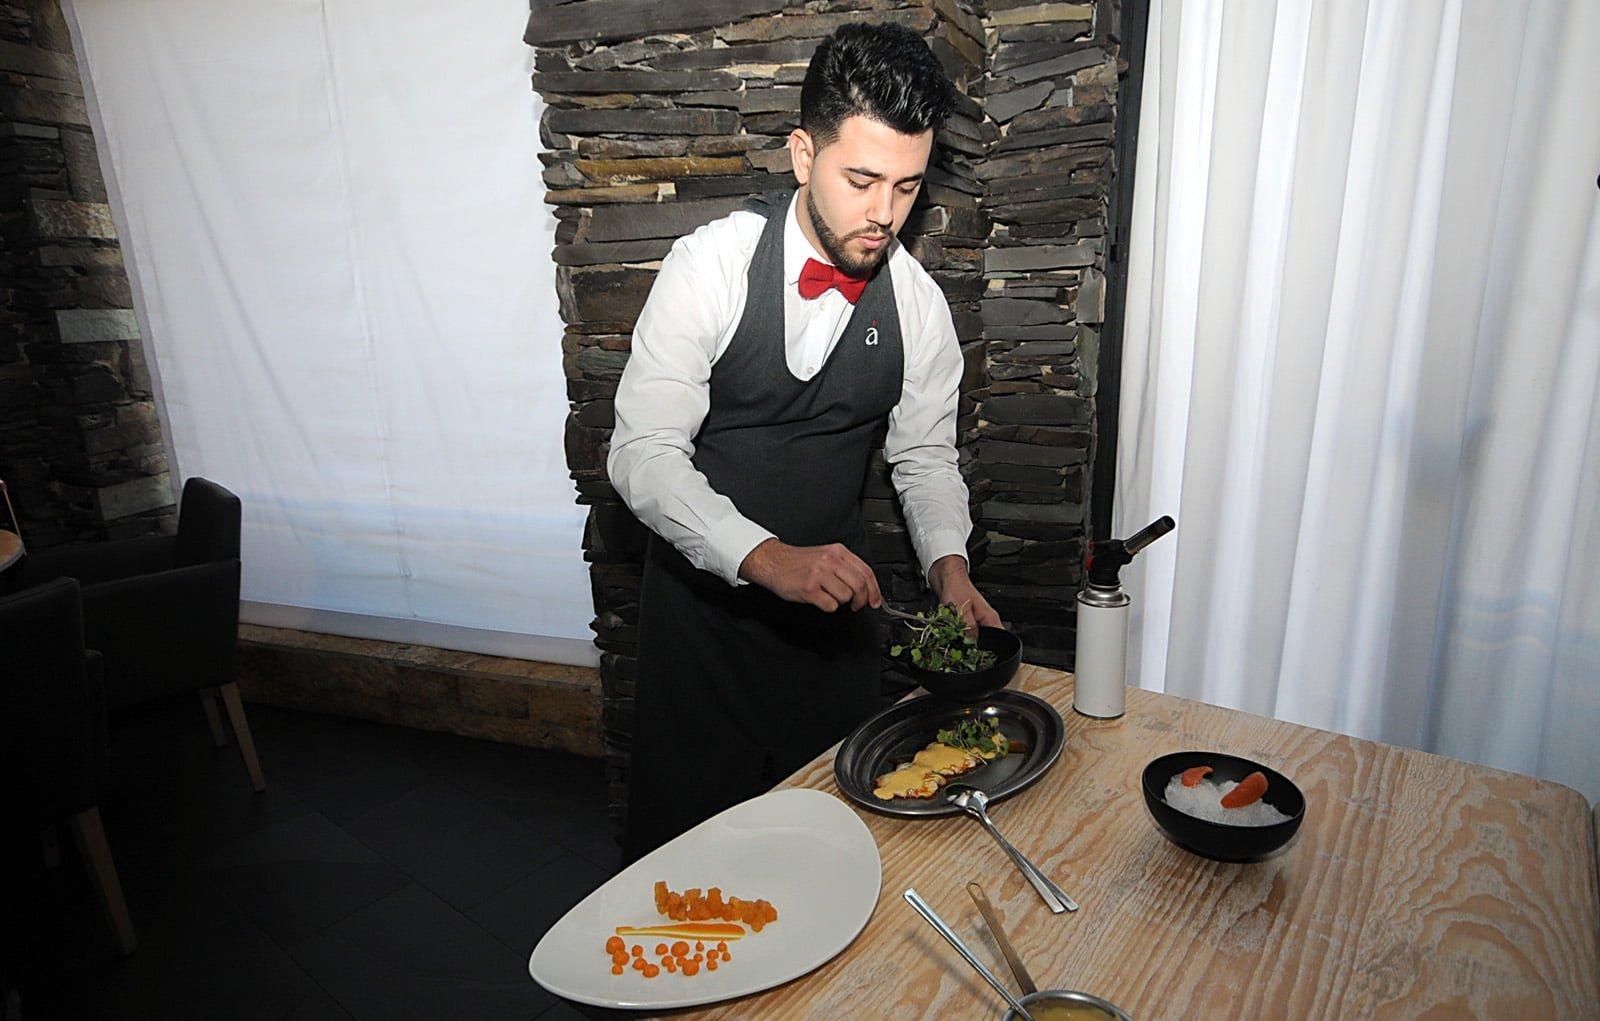 El objetivo es compartir la cultura gastronómica de grandes profesionales de la gastronomía nacional